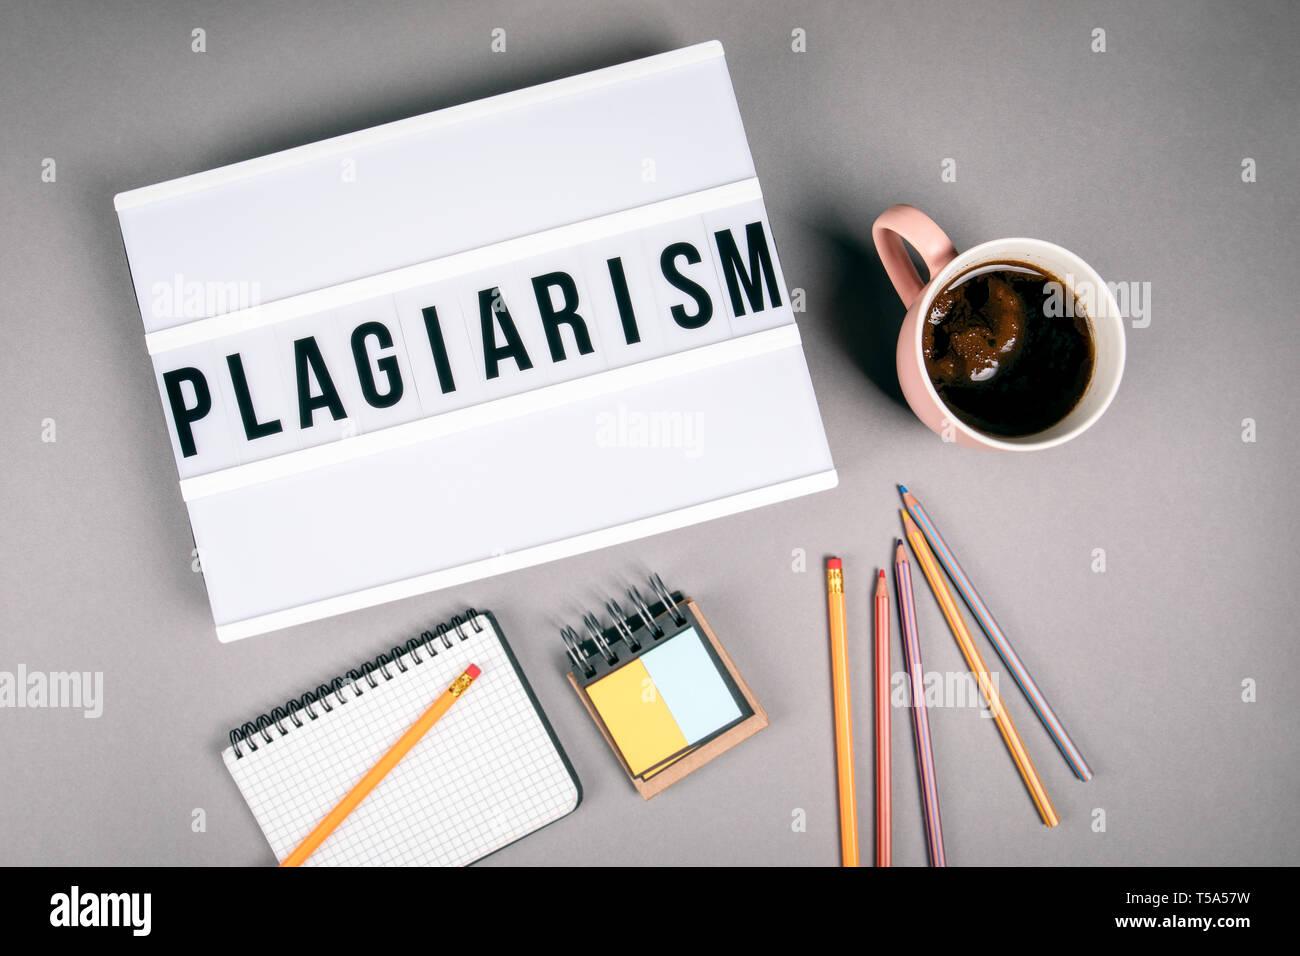 Plagiat. Text in Leuchtkasten Stockfoto